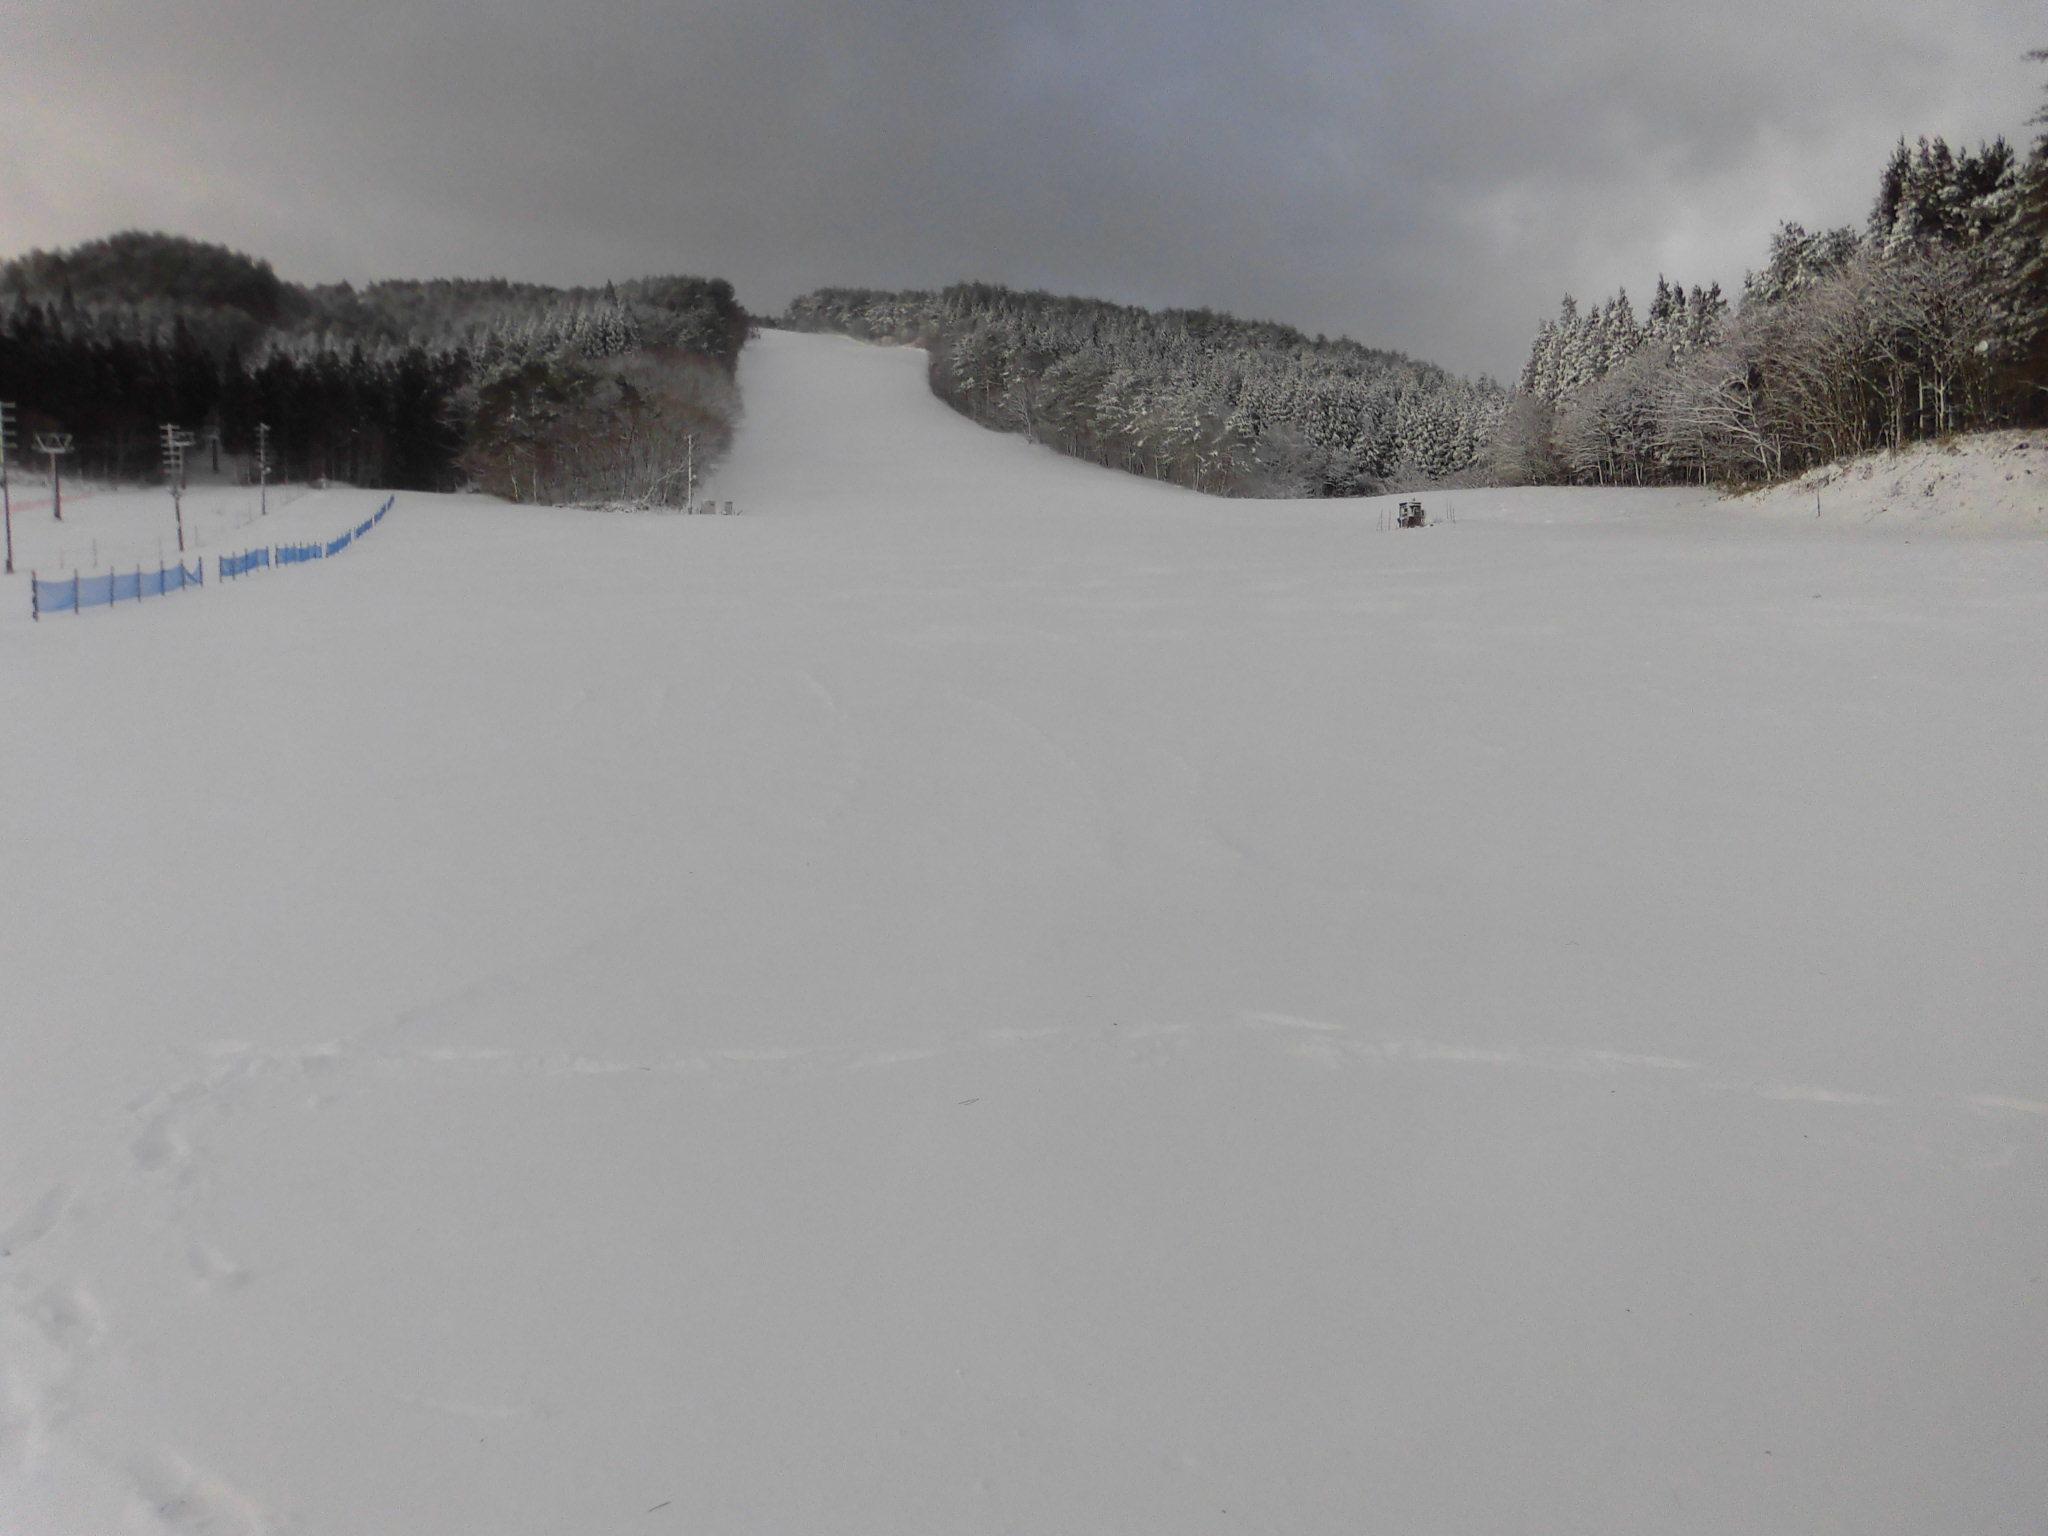 令和2年2月24日(月) 天気:晴れ 気温:-3℃ 積雪:25㎝ 一部滑走可能_e0306207_07465872.jpg